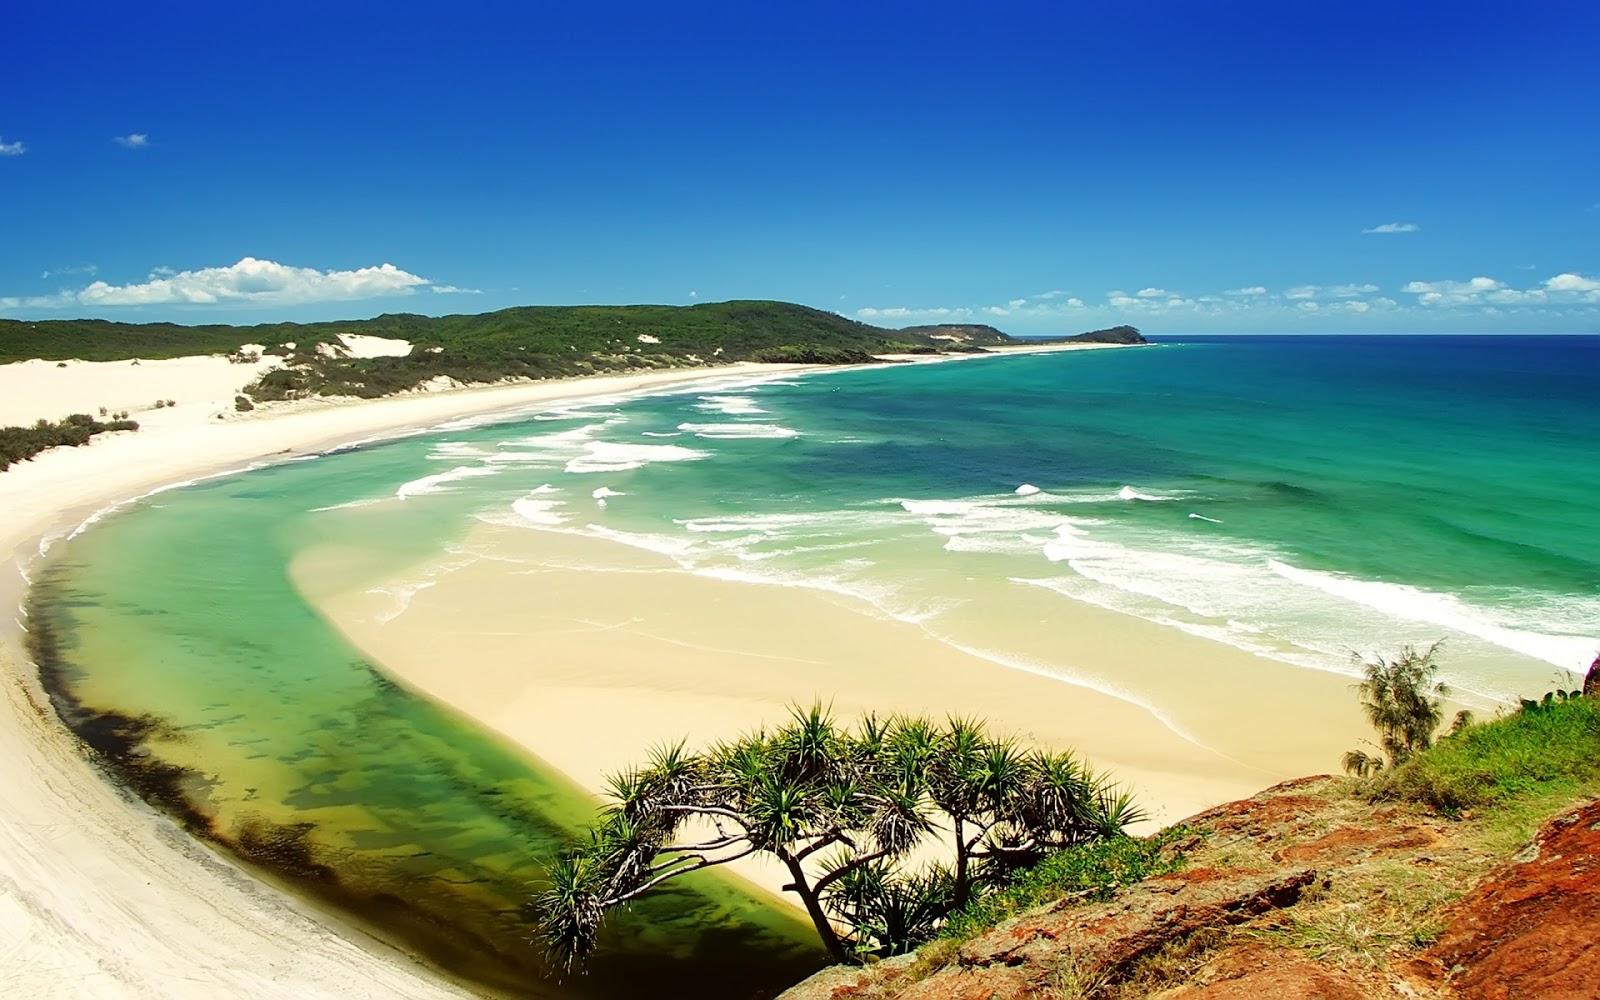 http://4.bp.blogspot.com/--rTGjMocQa8/ToLLaJikBHI/AAAAAAAAHDs/nagwgZPxU3k/s1600/nature_wallpaper_beach_picture.jpg